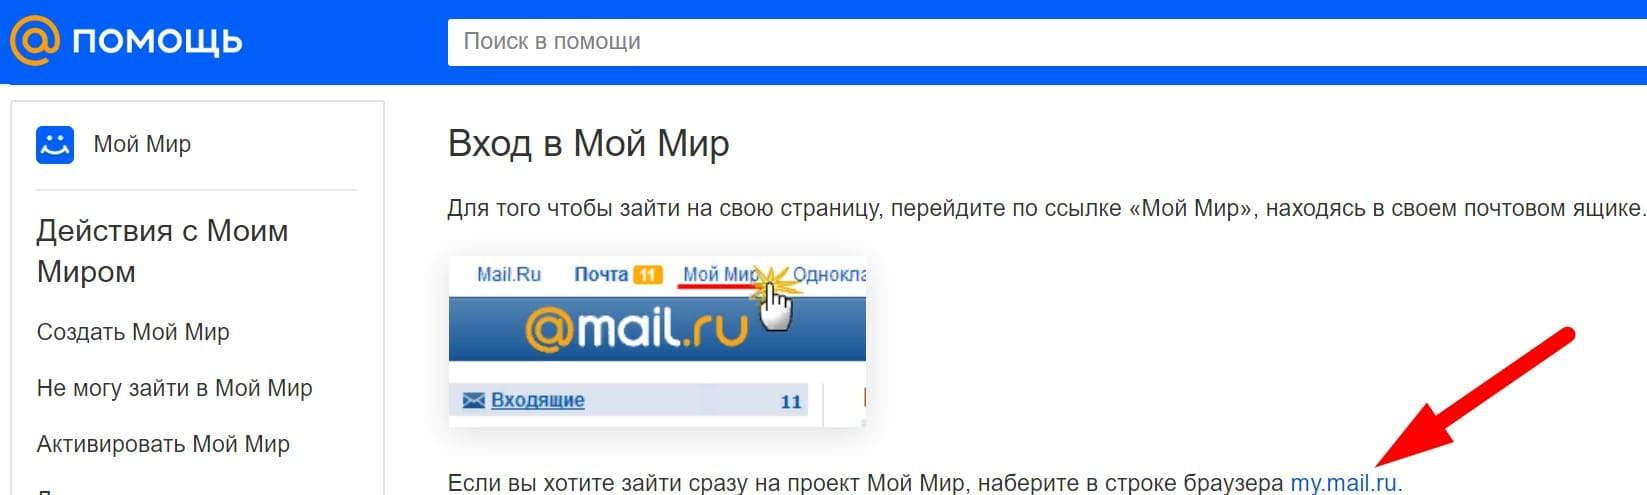 Мой Мир Mail.ru Помощь